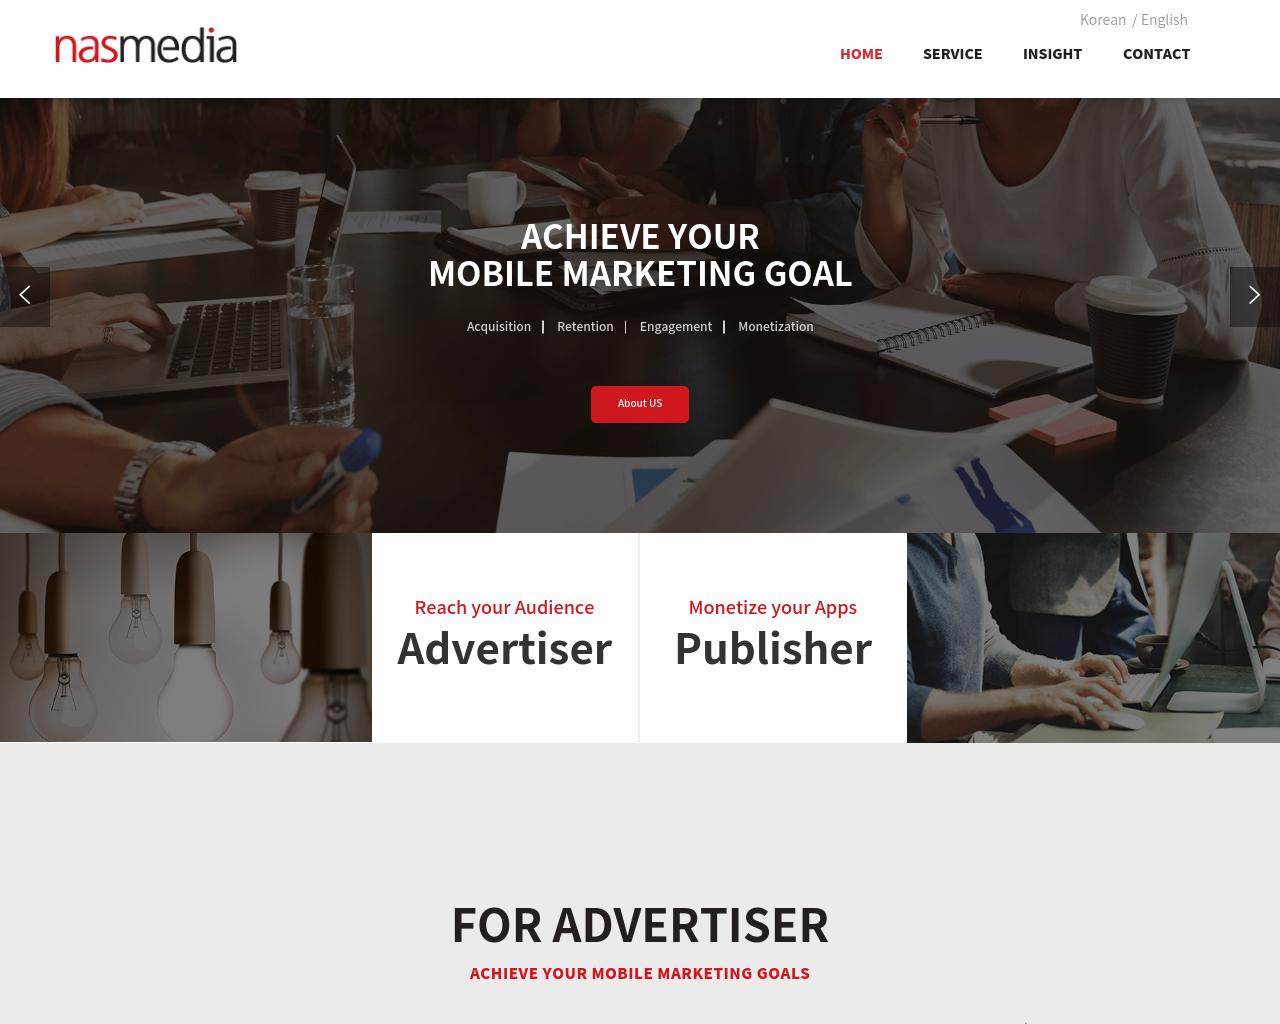 Nasmedia-Advertising-Reviews-Pricing